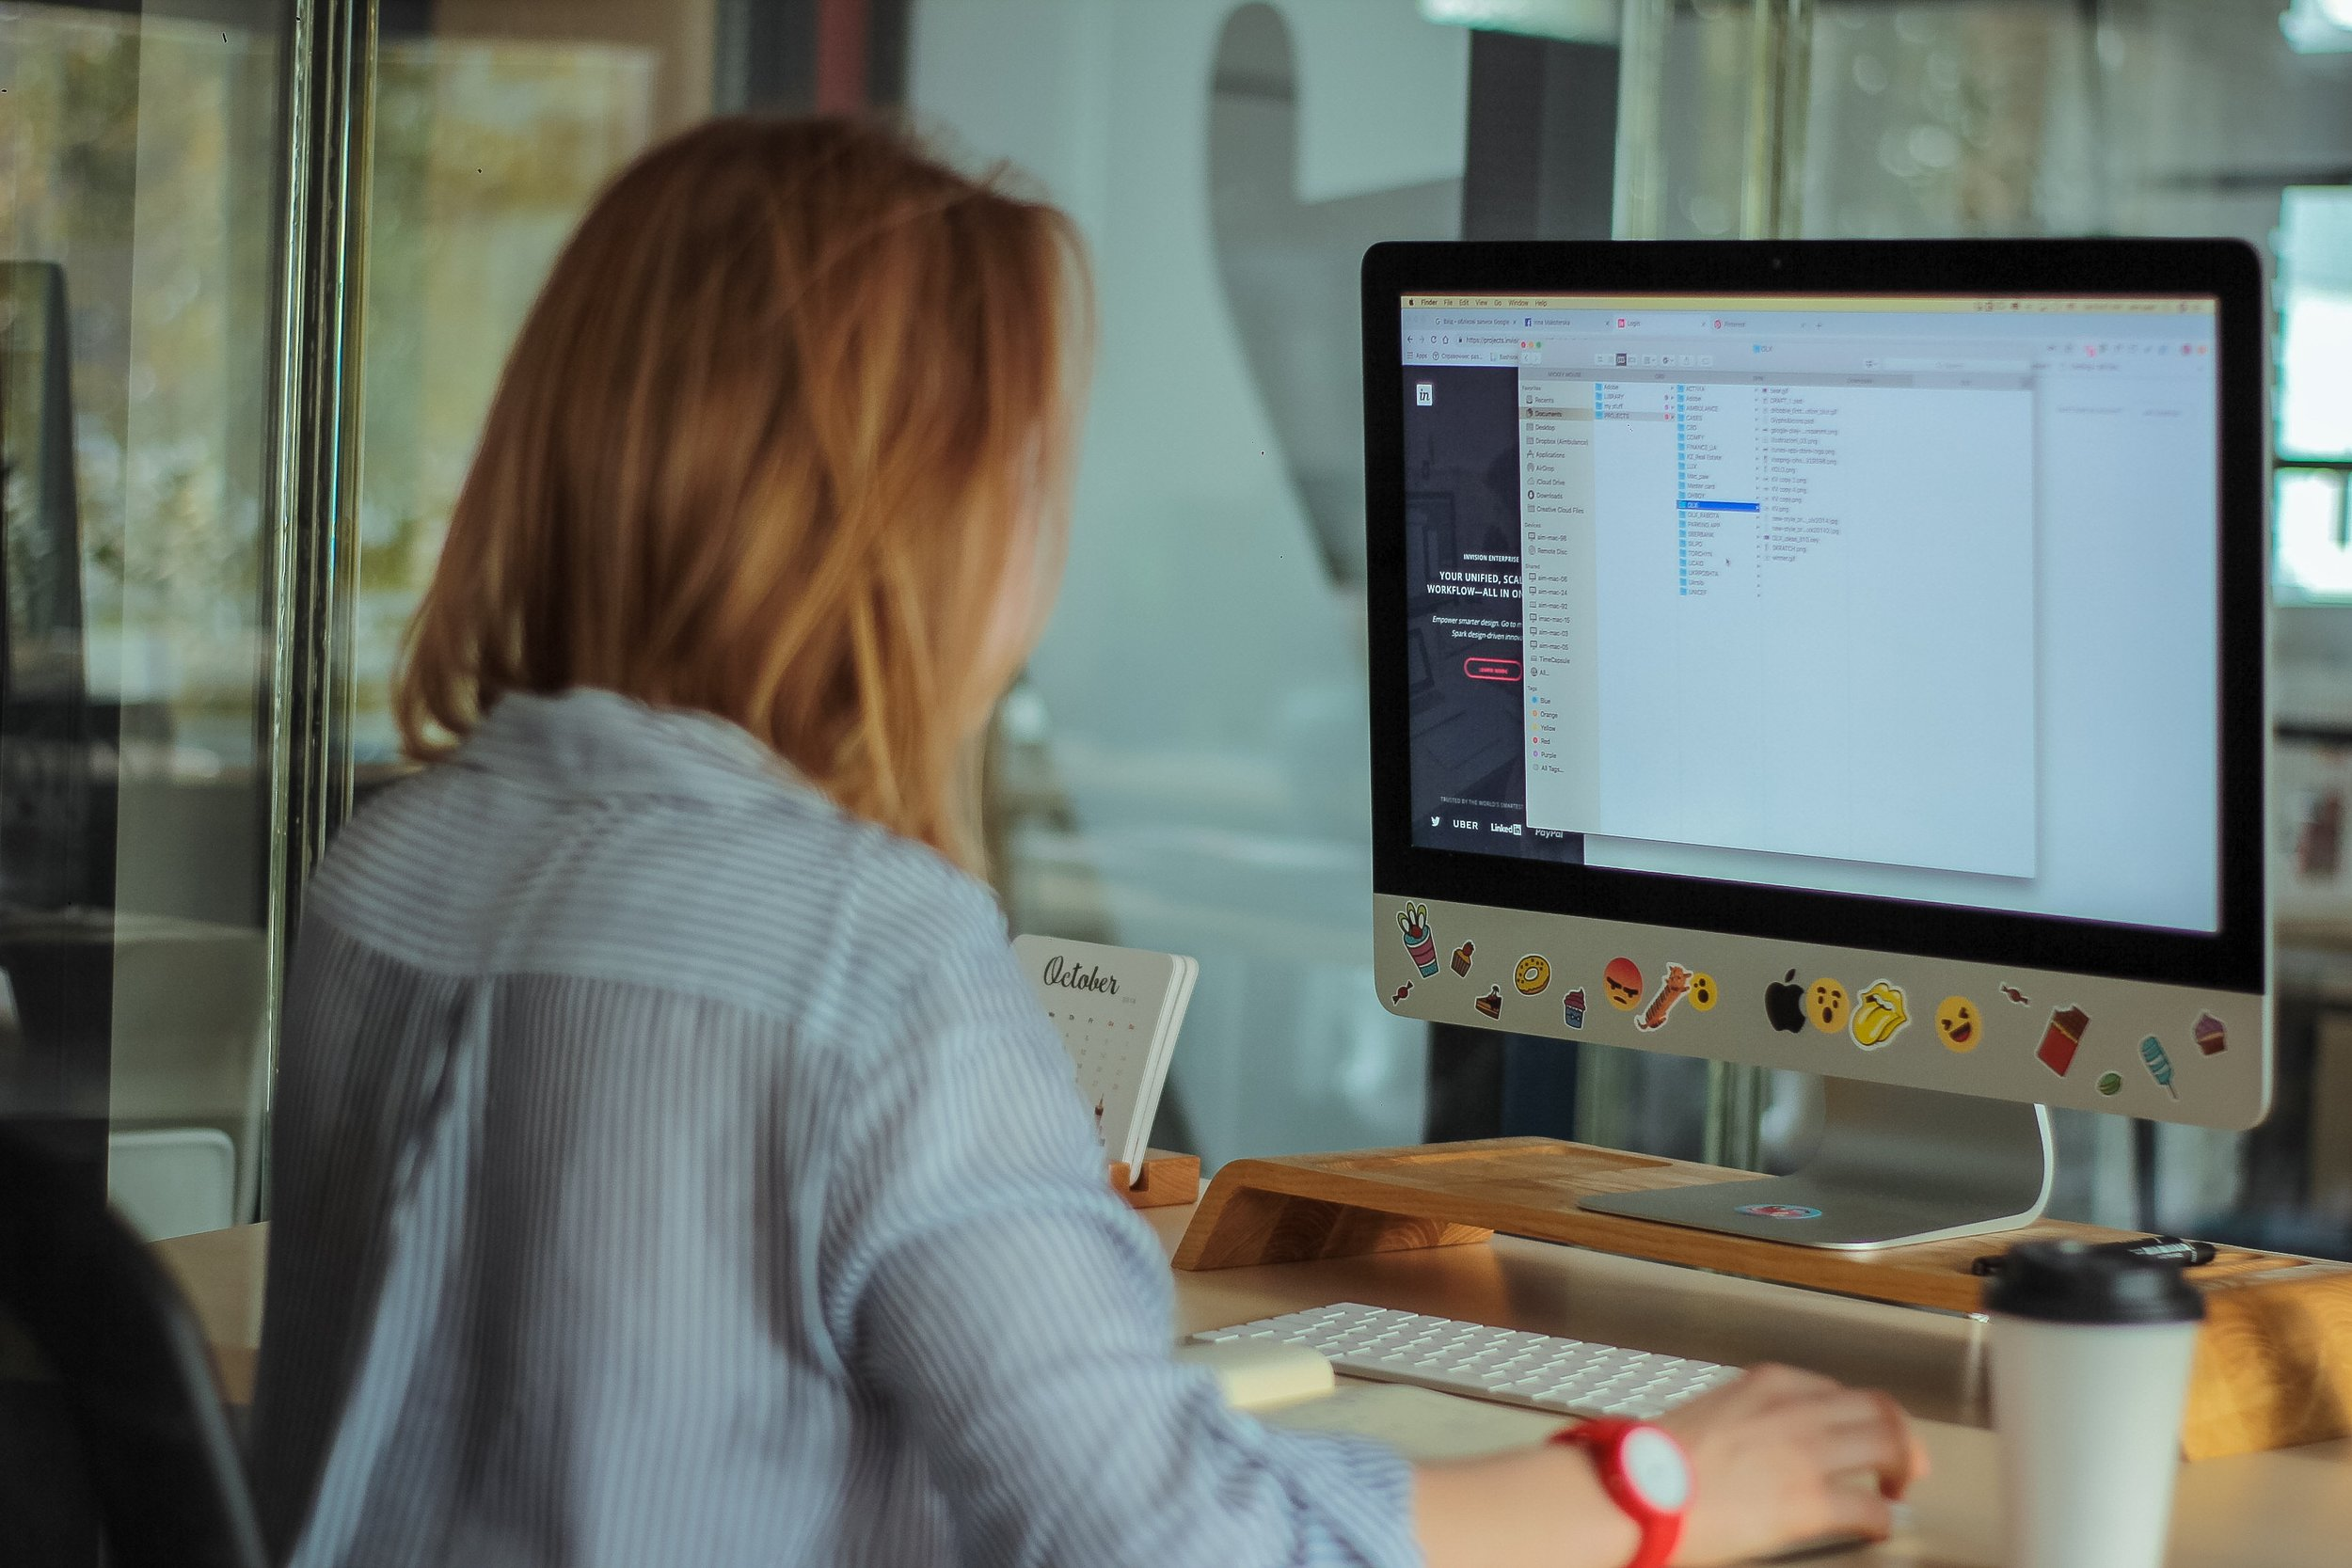 Xamarin.Forms Shell - A new navigation paradigm